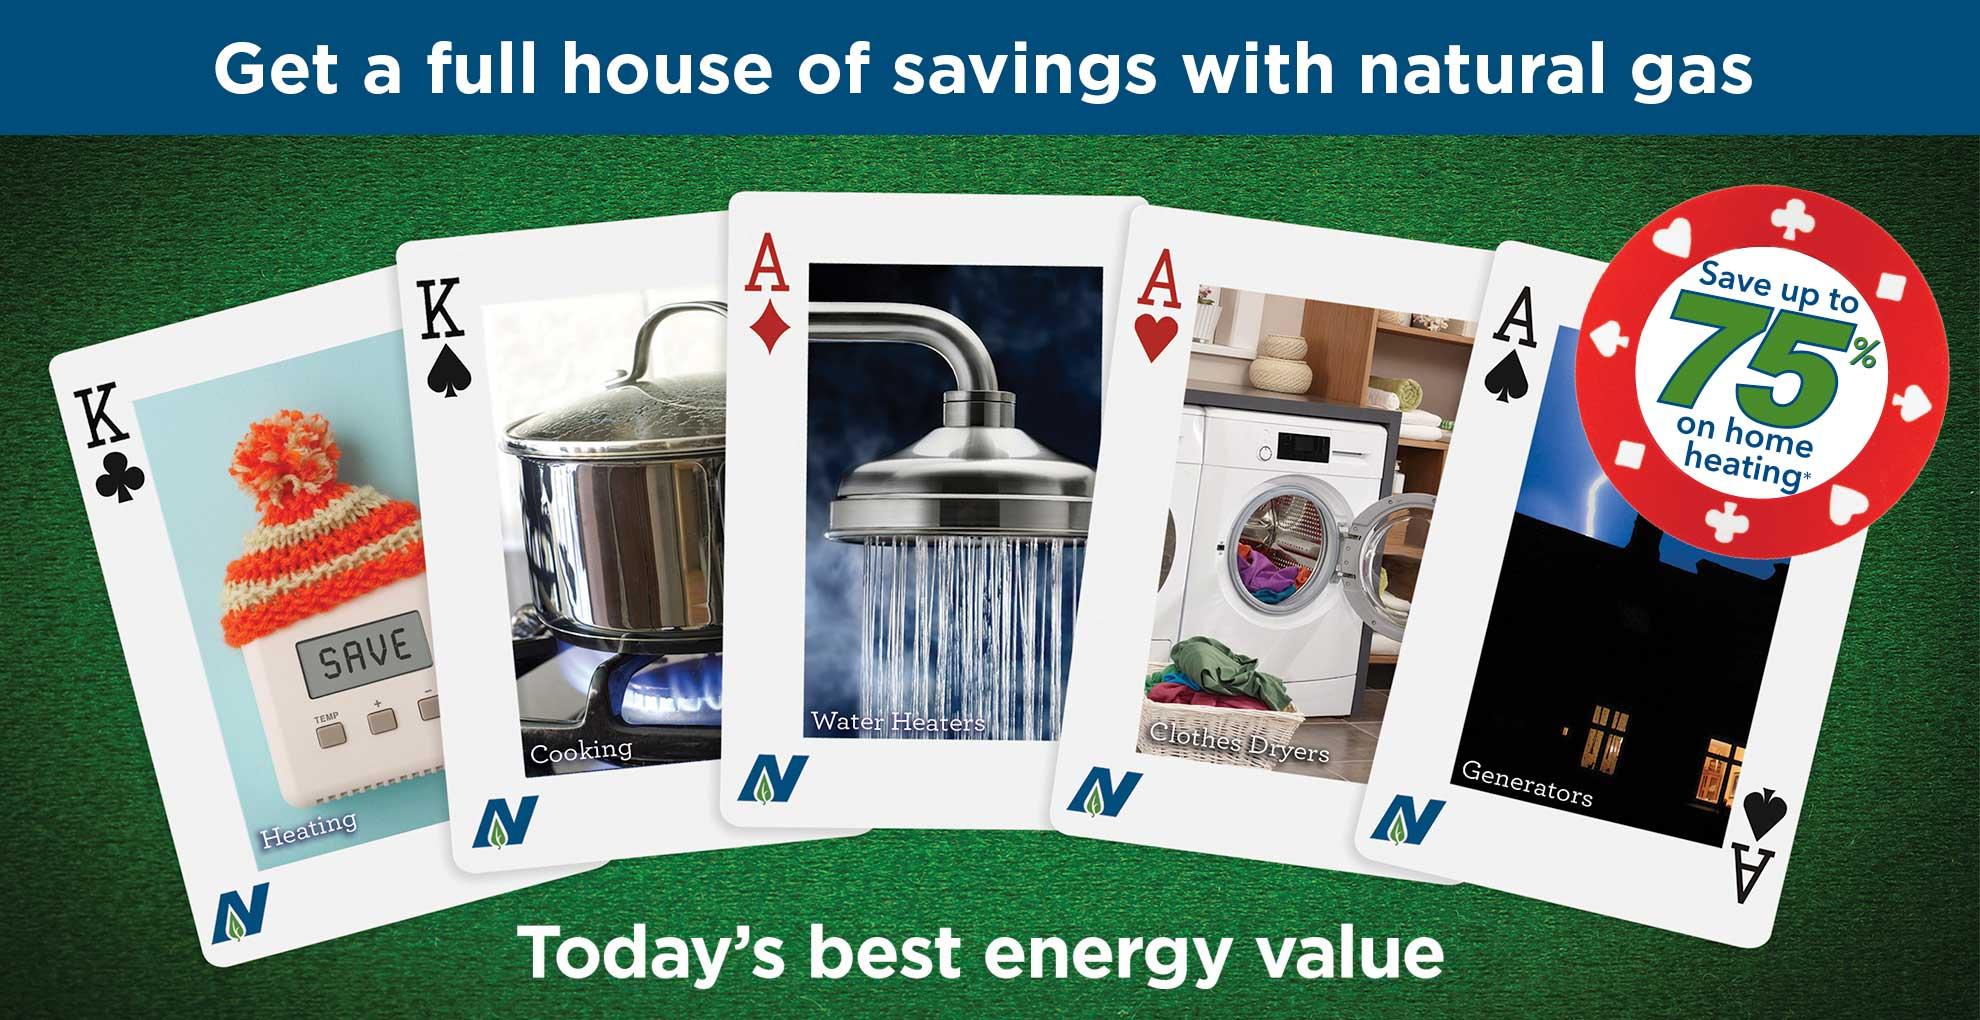 Natgas Saves